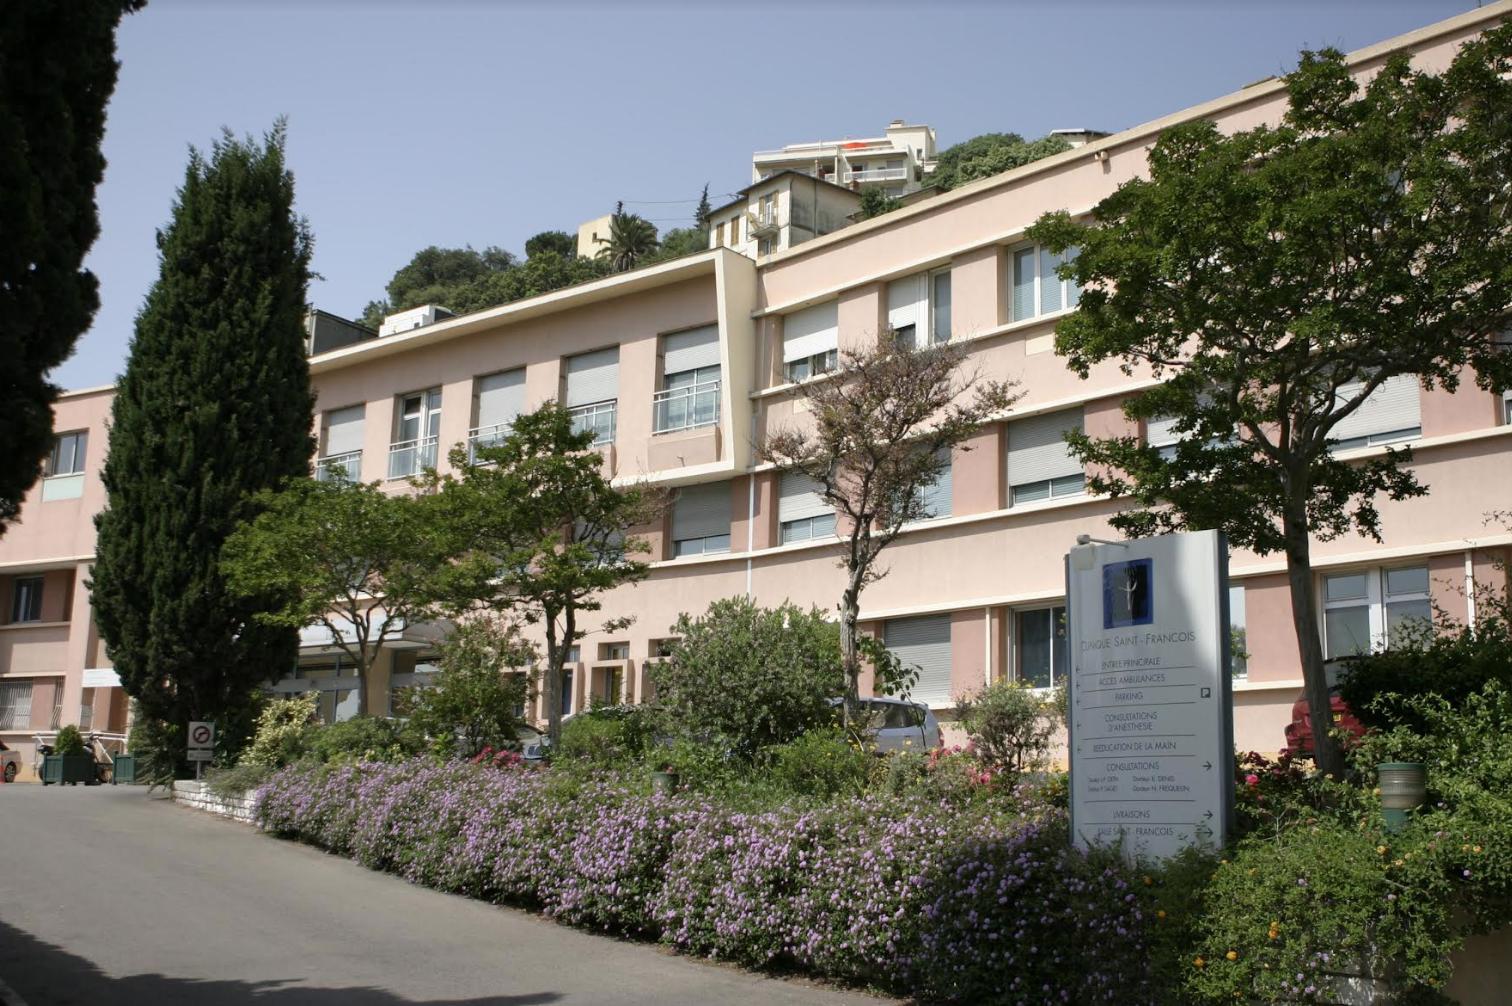 Facade exterieure de la Clinique Saint-François à Nice